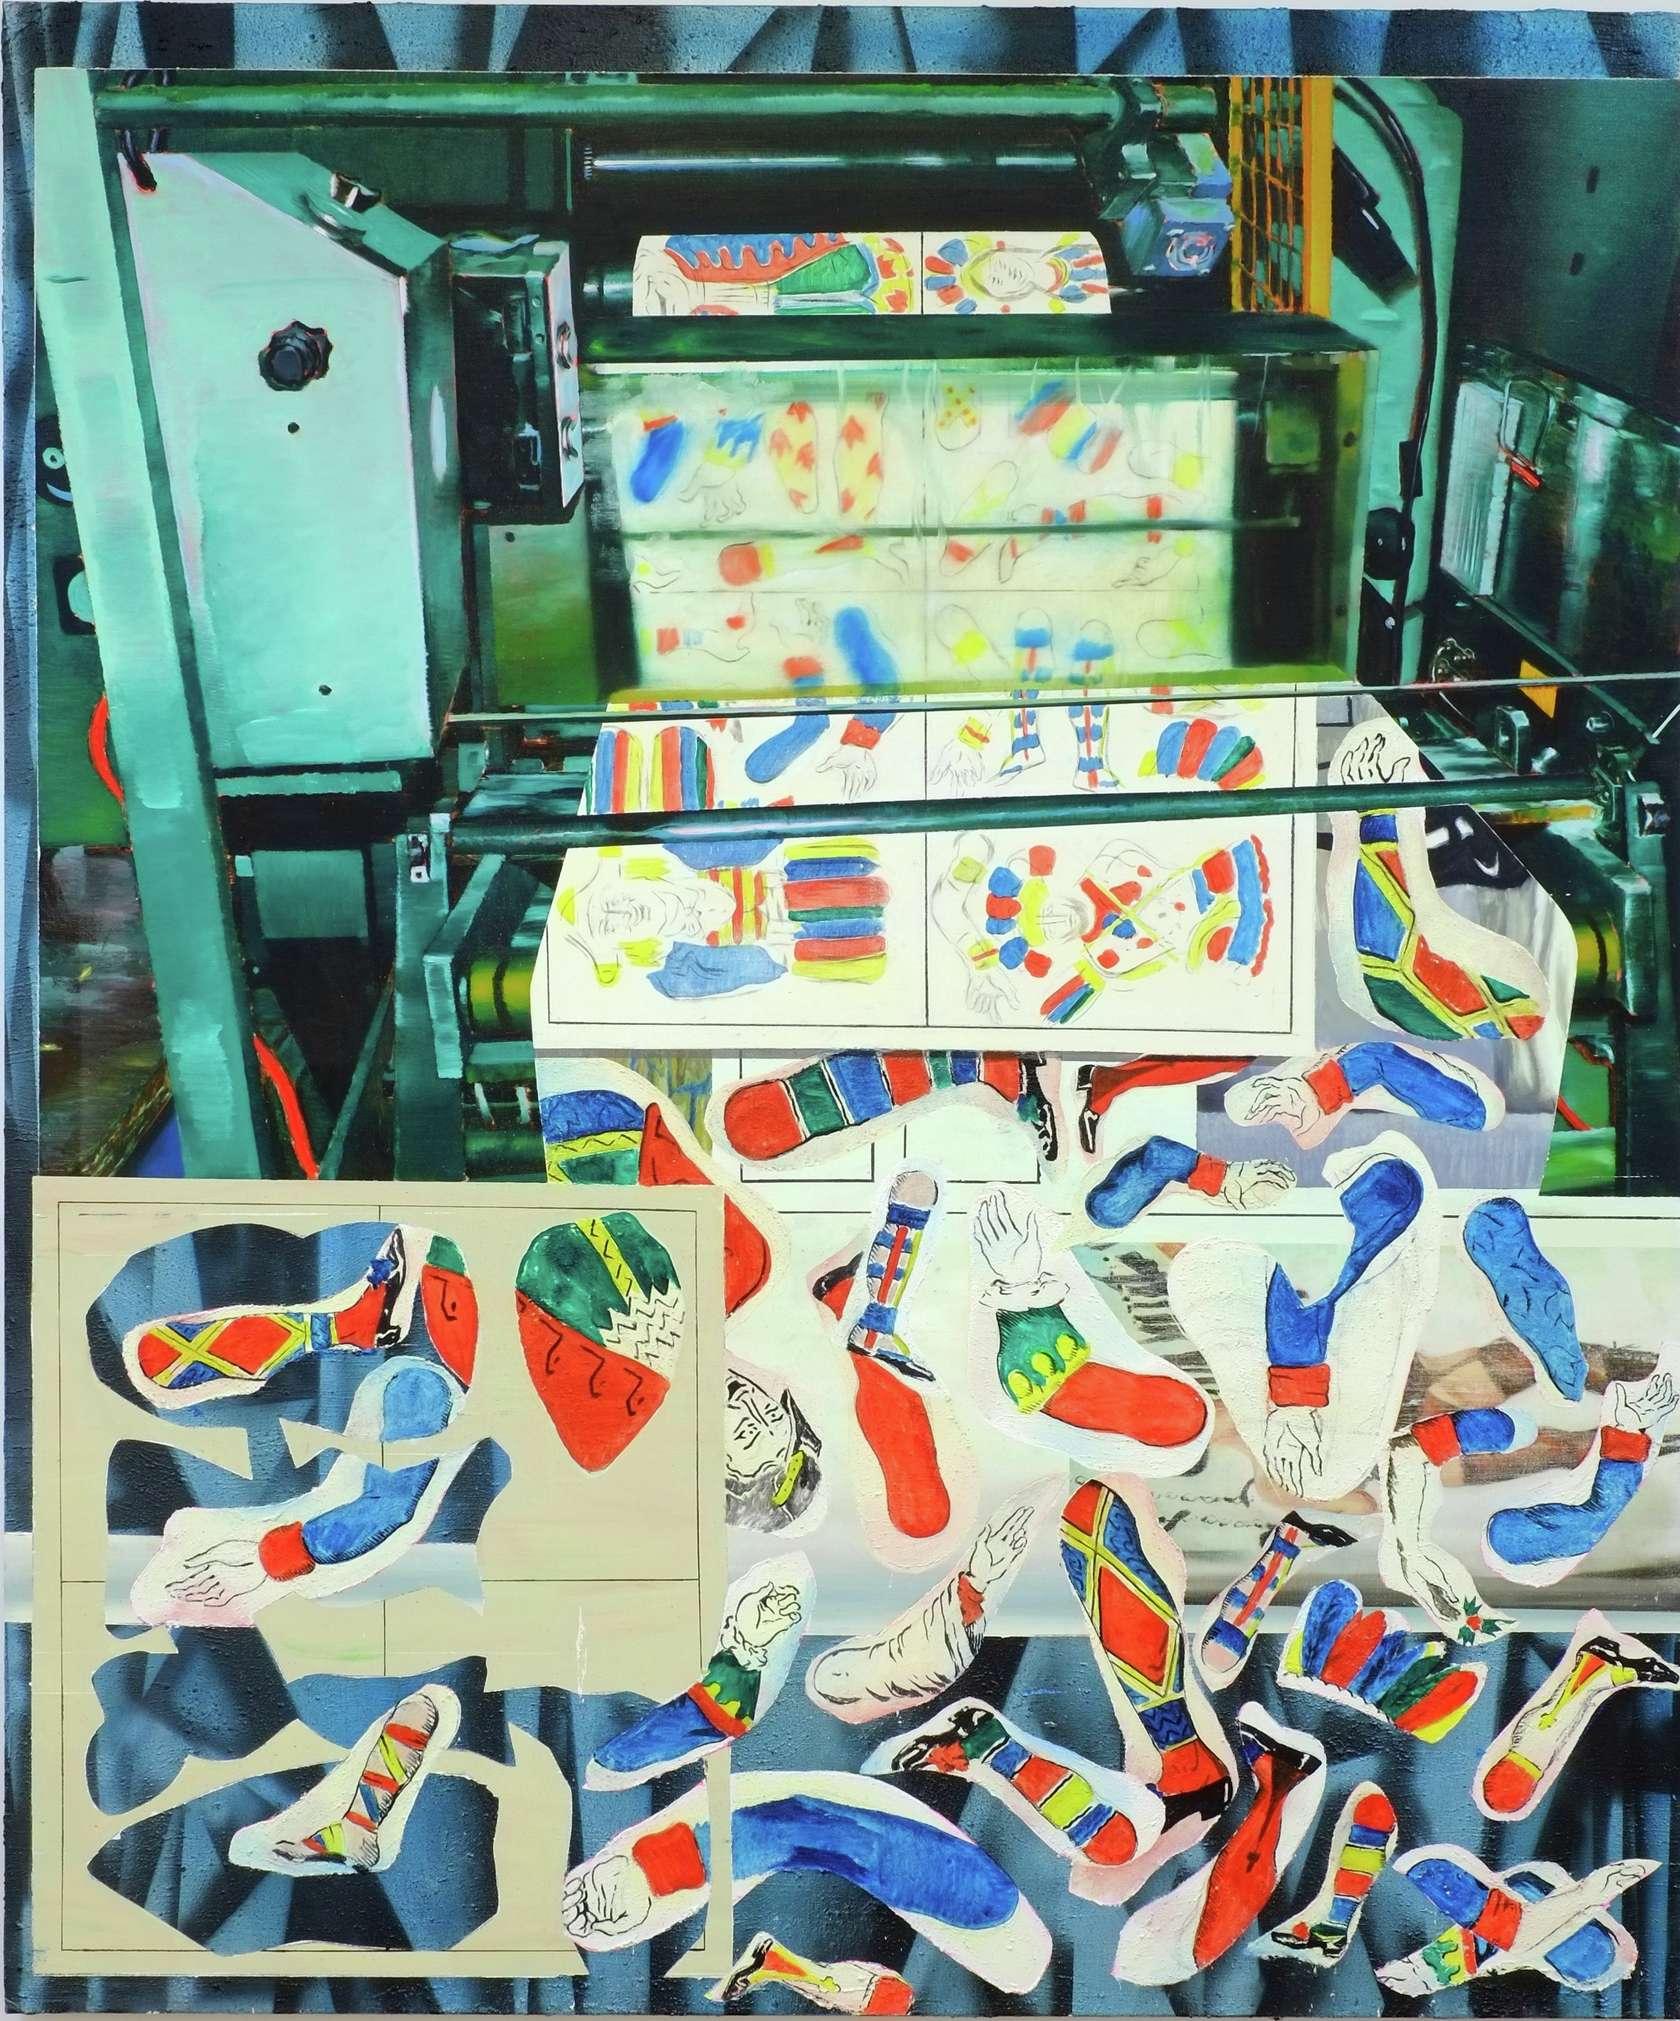 Laurent Proux, Découpe, 2015 Huile sur toile240 × 200 cm / 94 1/2 × 78 6/8 in.